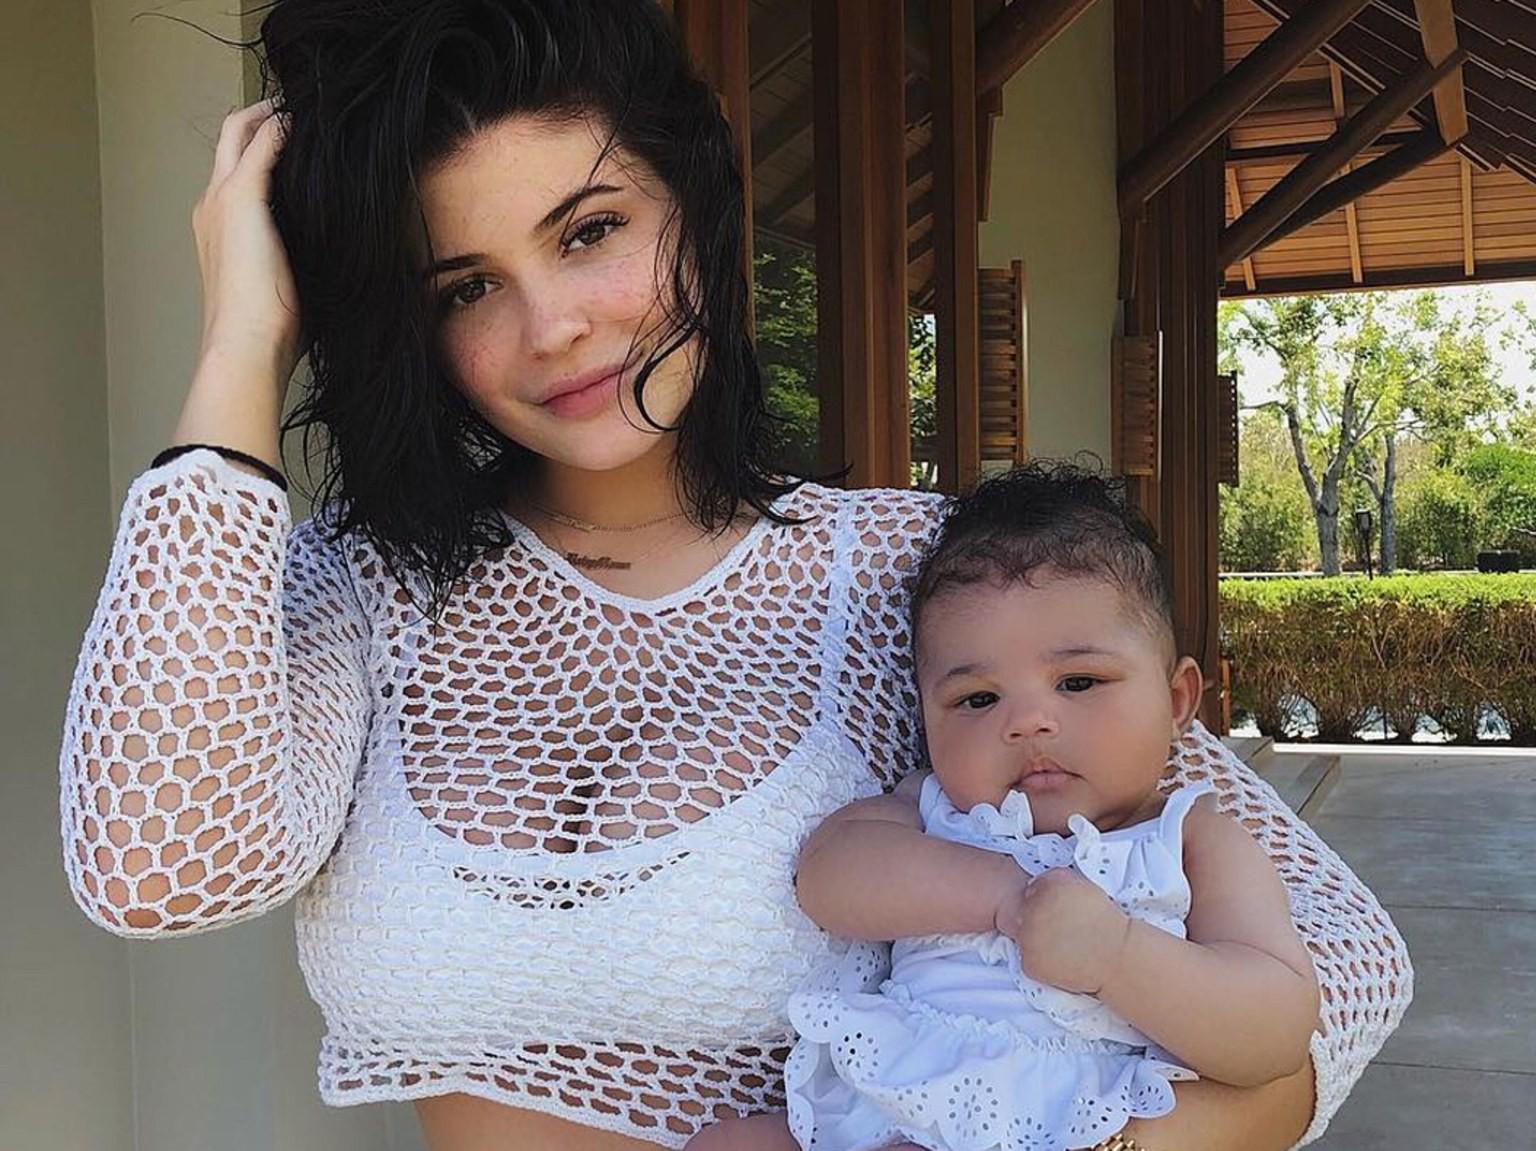 Bà hot và đáng ghen tị nhất Hollywood Kylie Jenner: Bế con thôi cũng sang chảnh hết phần người khác! - Ảnh 4.